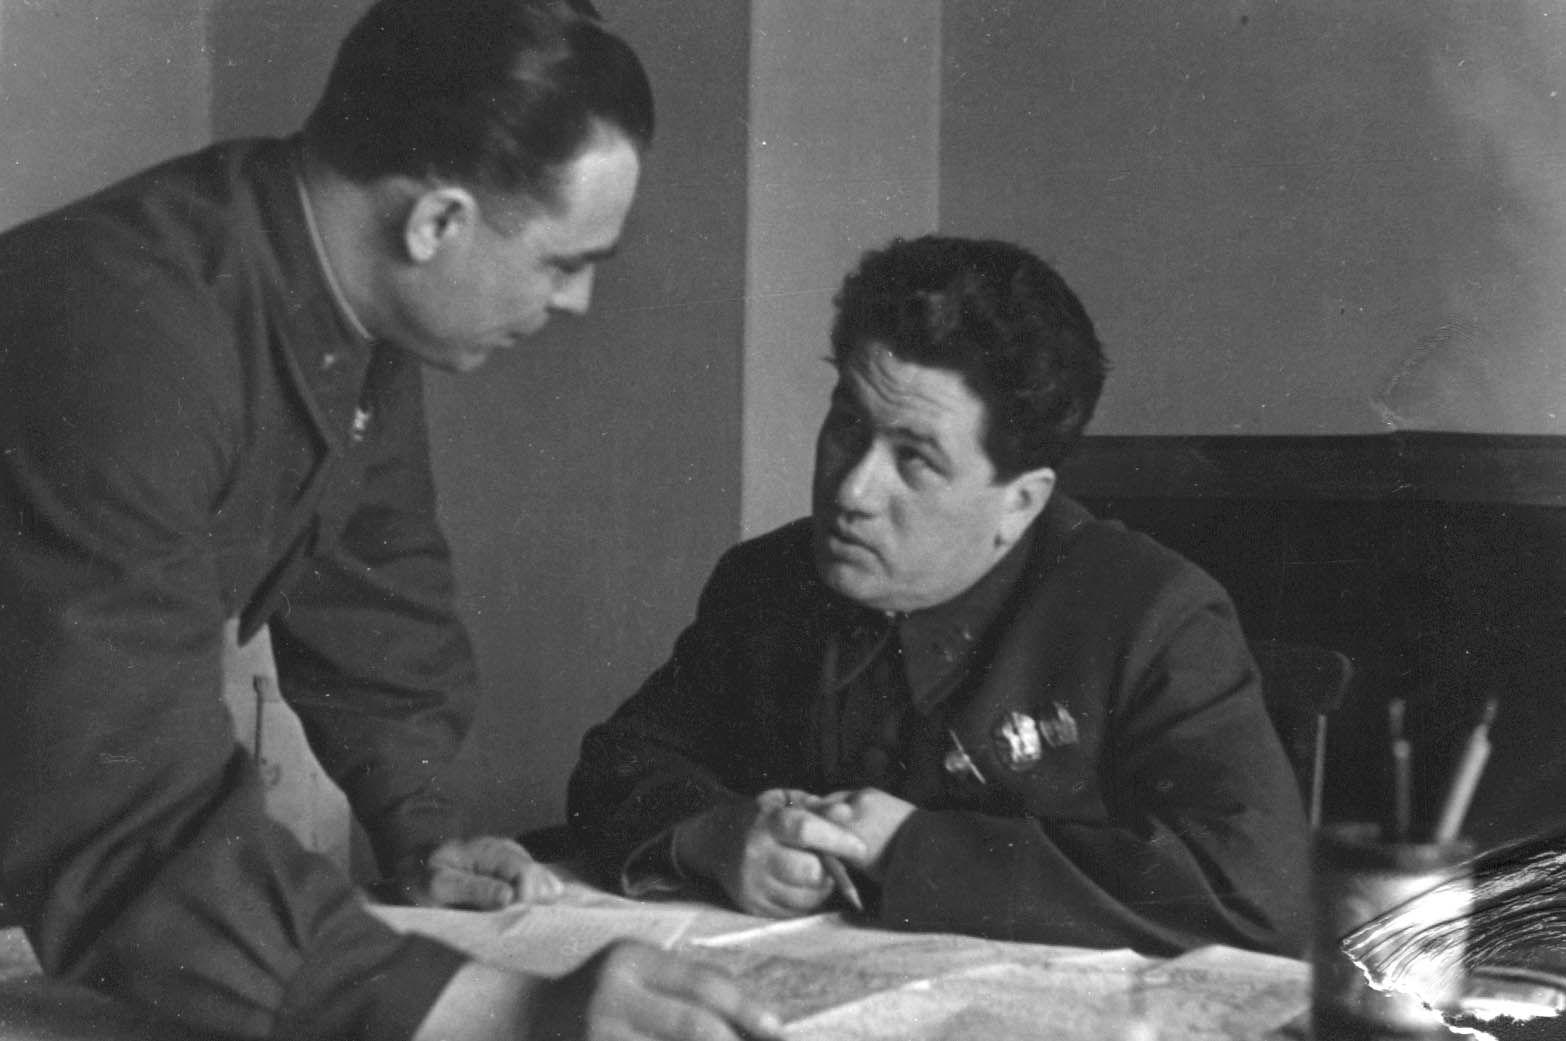 Экспонат #104. Полковник Л.И. Брежнев и генерал А. Мамонов. 1942 год